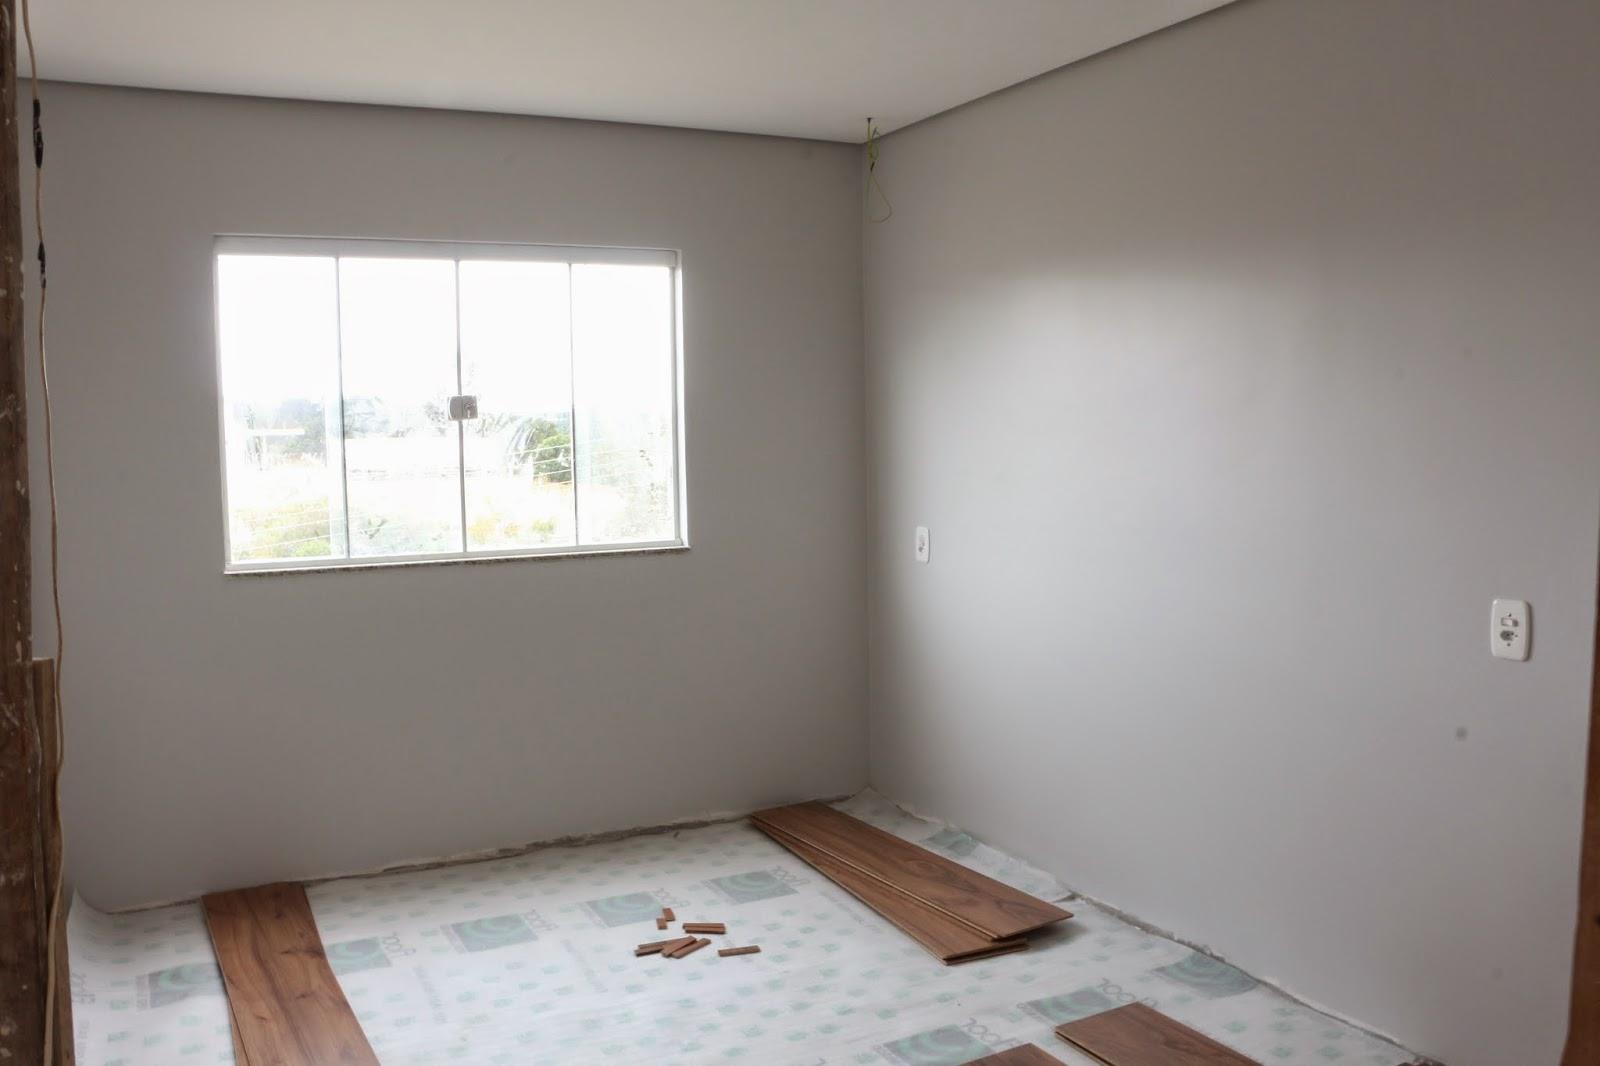 Quarto Pintado Branco Gelo Redival Com ~ Cores Para Pintura De Quarto E Porta Janela Para Quarto